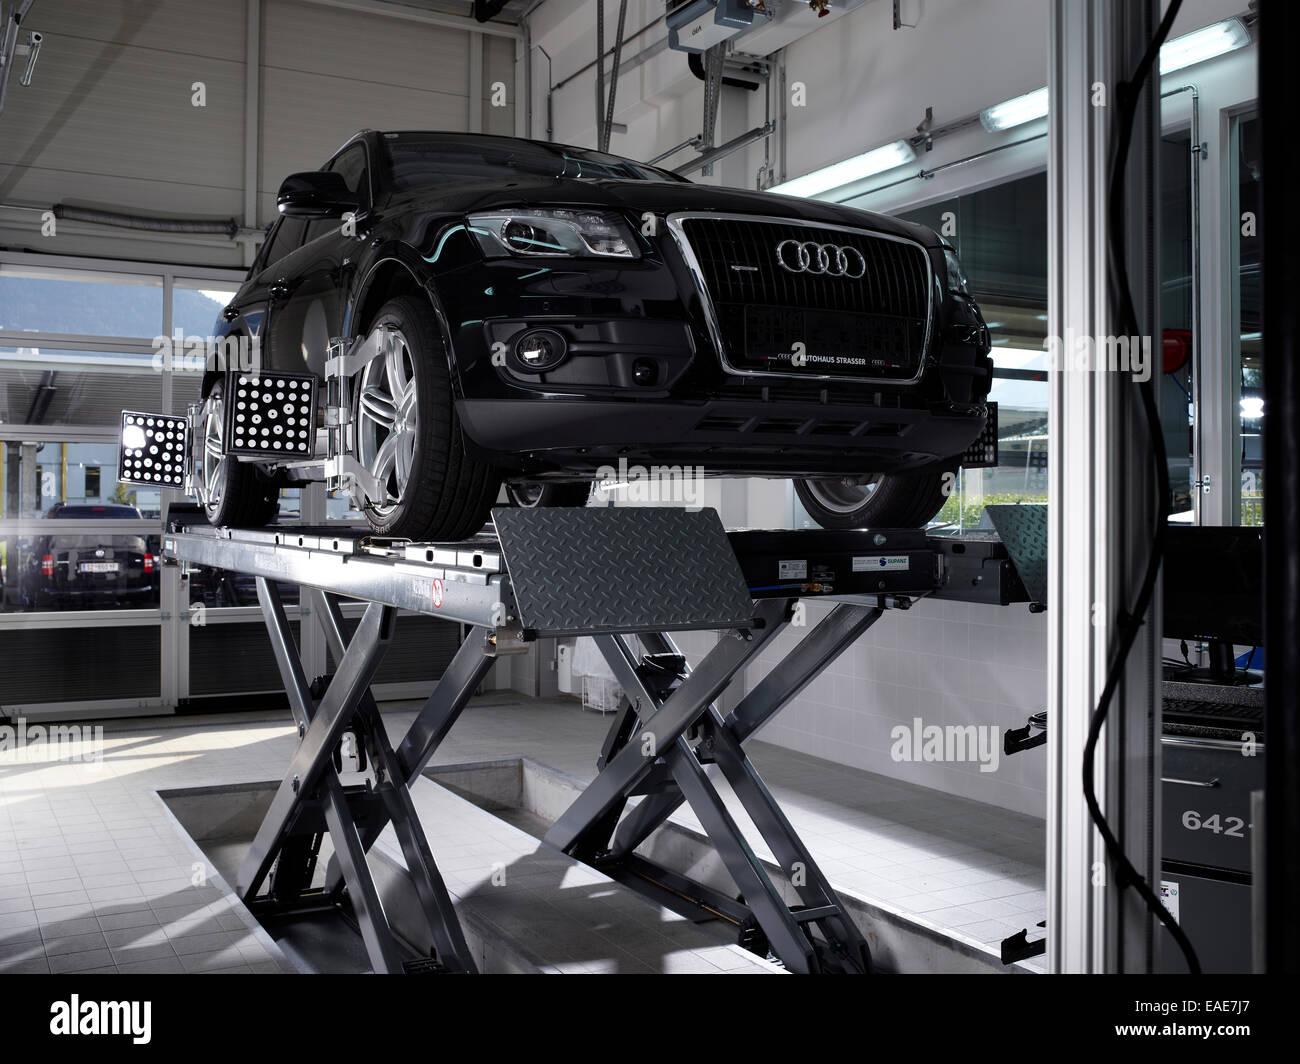 Auto auf einer Hebebühne steht mit angepassten Druck Prüfbleche für die Achsvermessung, Auto-Werkstatt, Stockbild